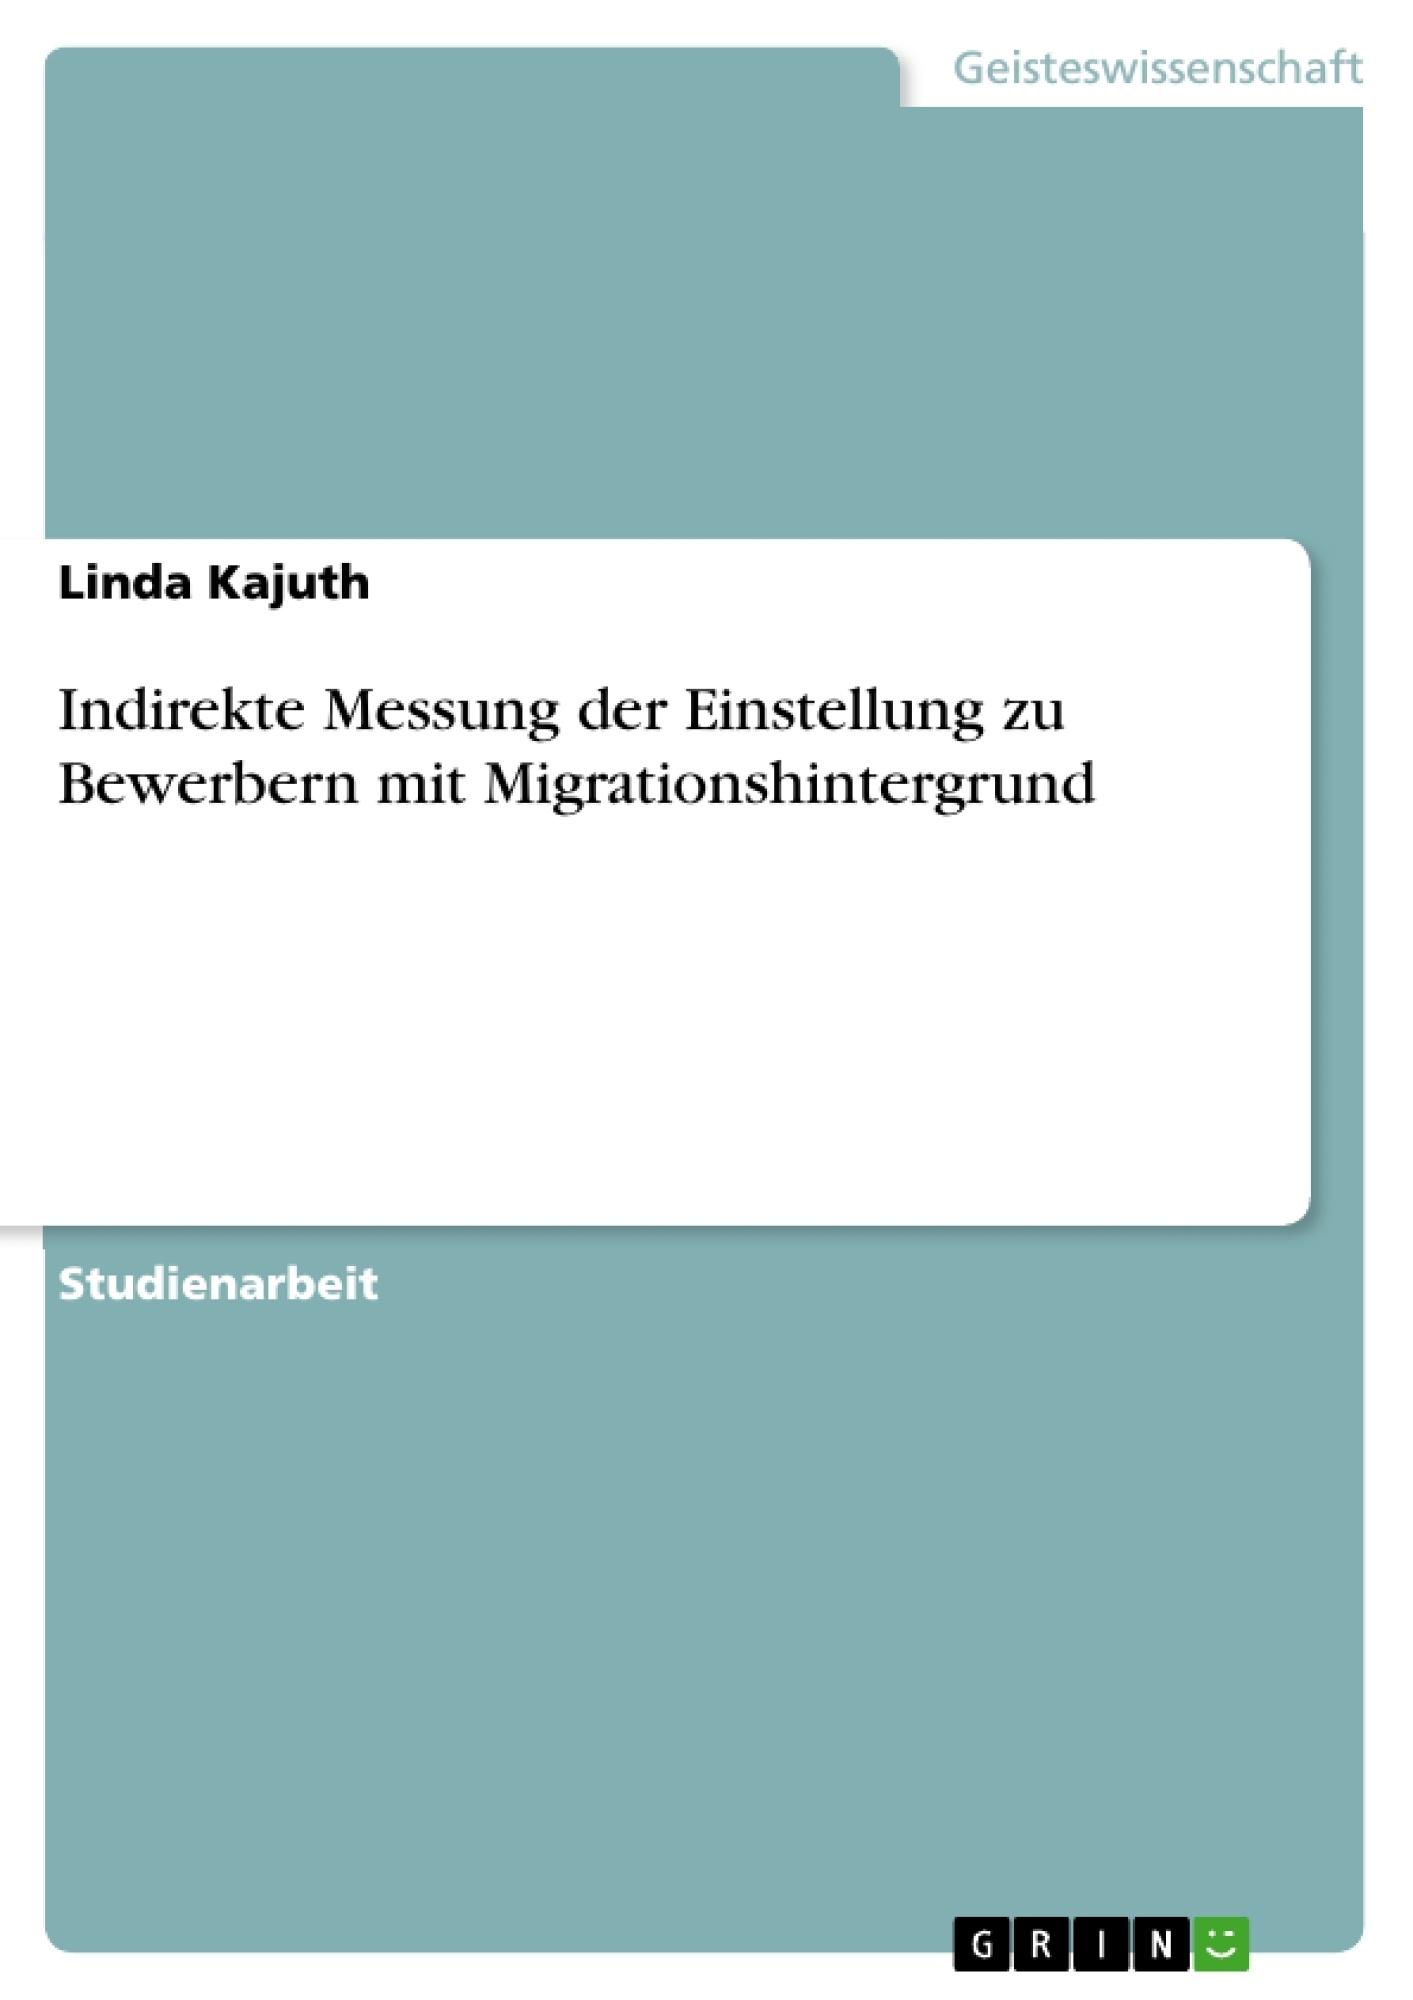 Titel: Indirekte Messung der Einstellung zu Bewerbern mit Migrationshintergrund